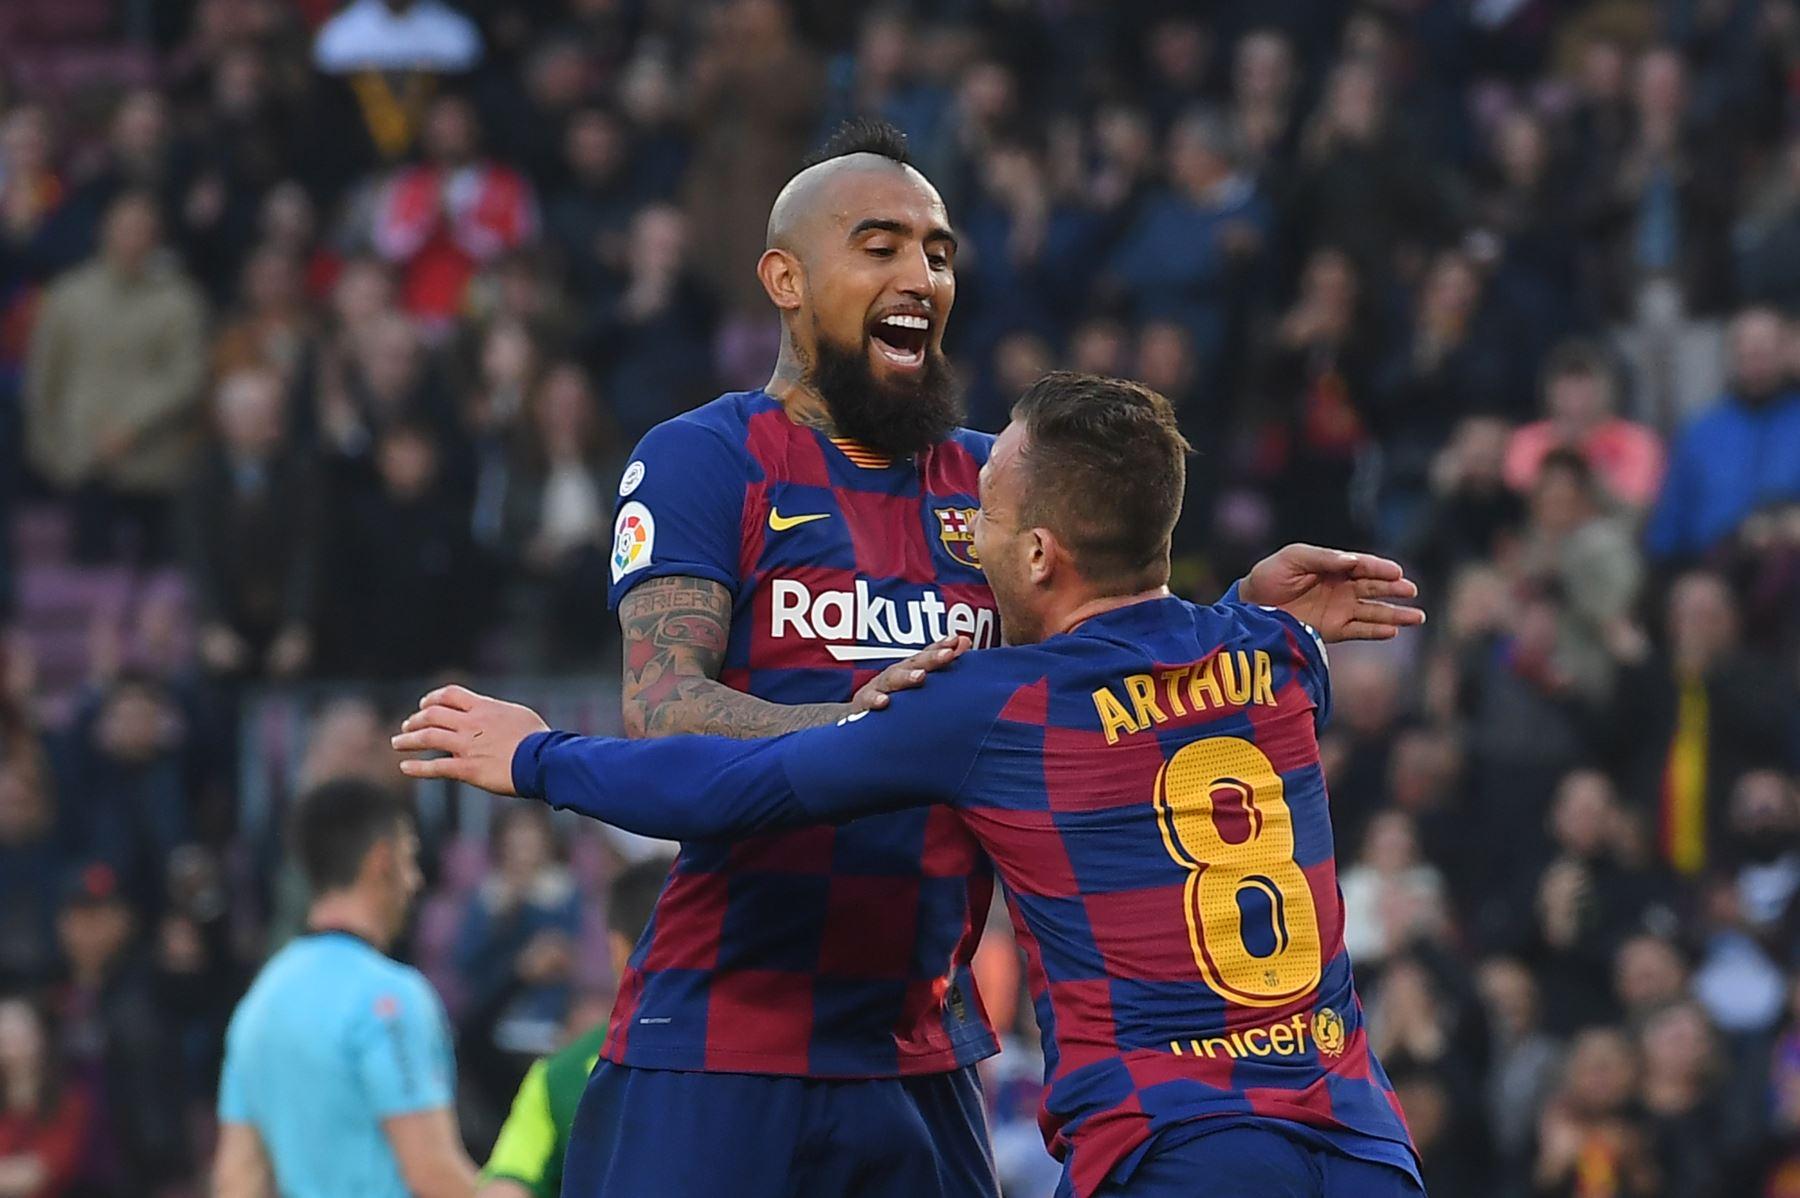 El centrocampista brasileño de Barcelona Arthur celebra con el centrocampista chileno de Barcelona Arturo Vidal después de anotar durante el partido de fútbol de la liga española FC Barcelona contra SD Eibar. Foto: AFP